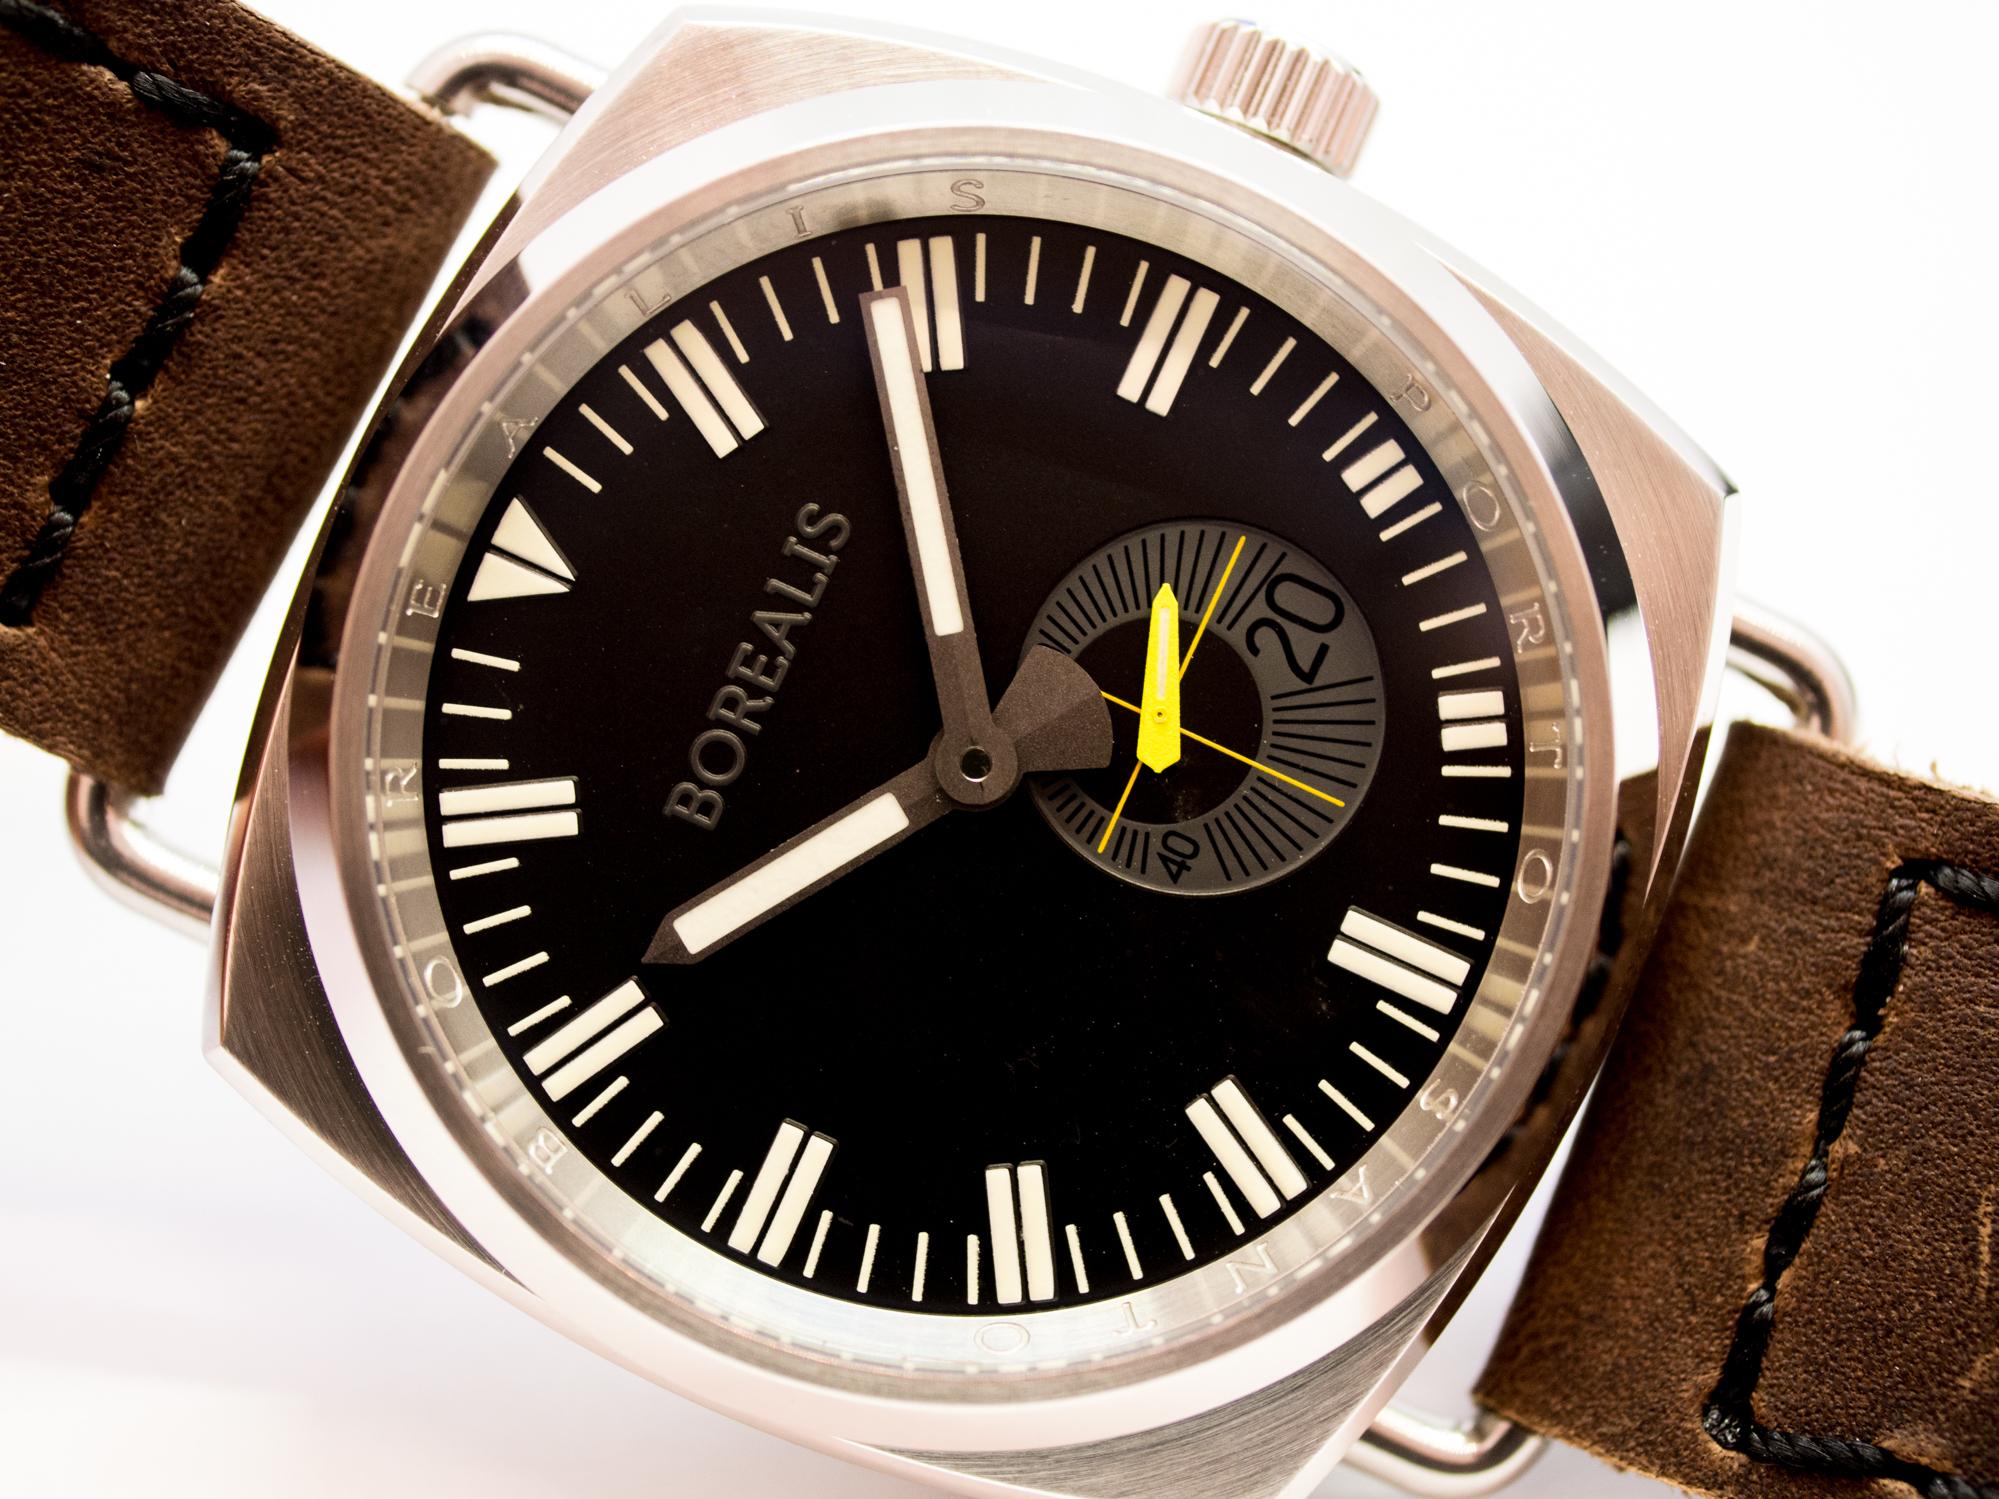 Borealis Porto Santo Automatic Diver Watch Black Dial C3 Lume Miyota 8128